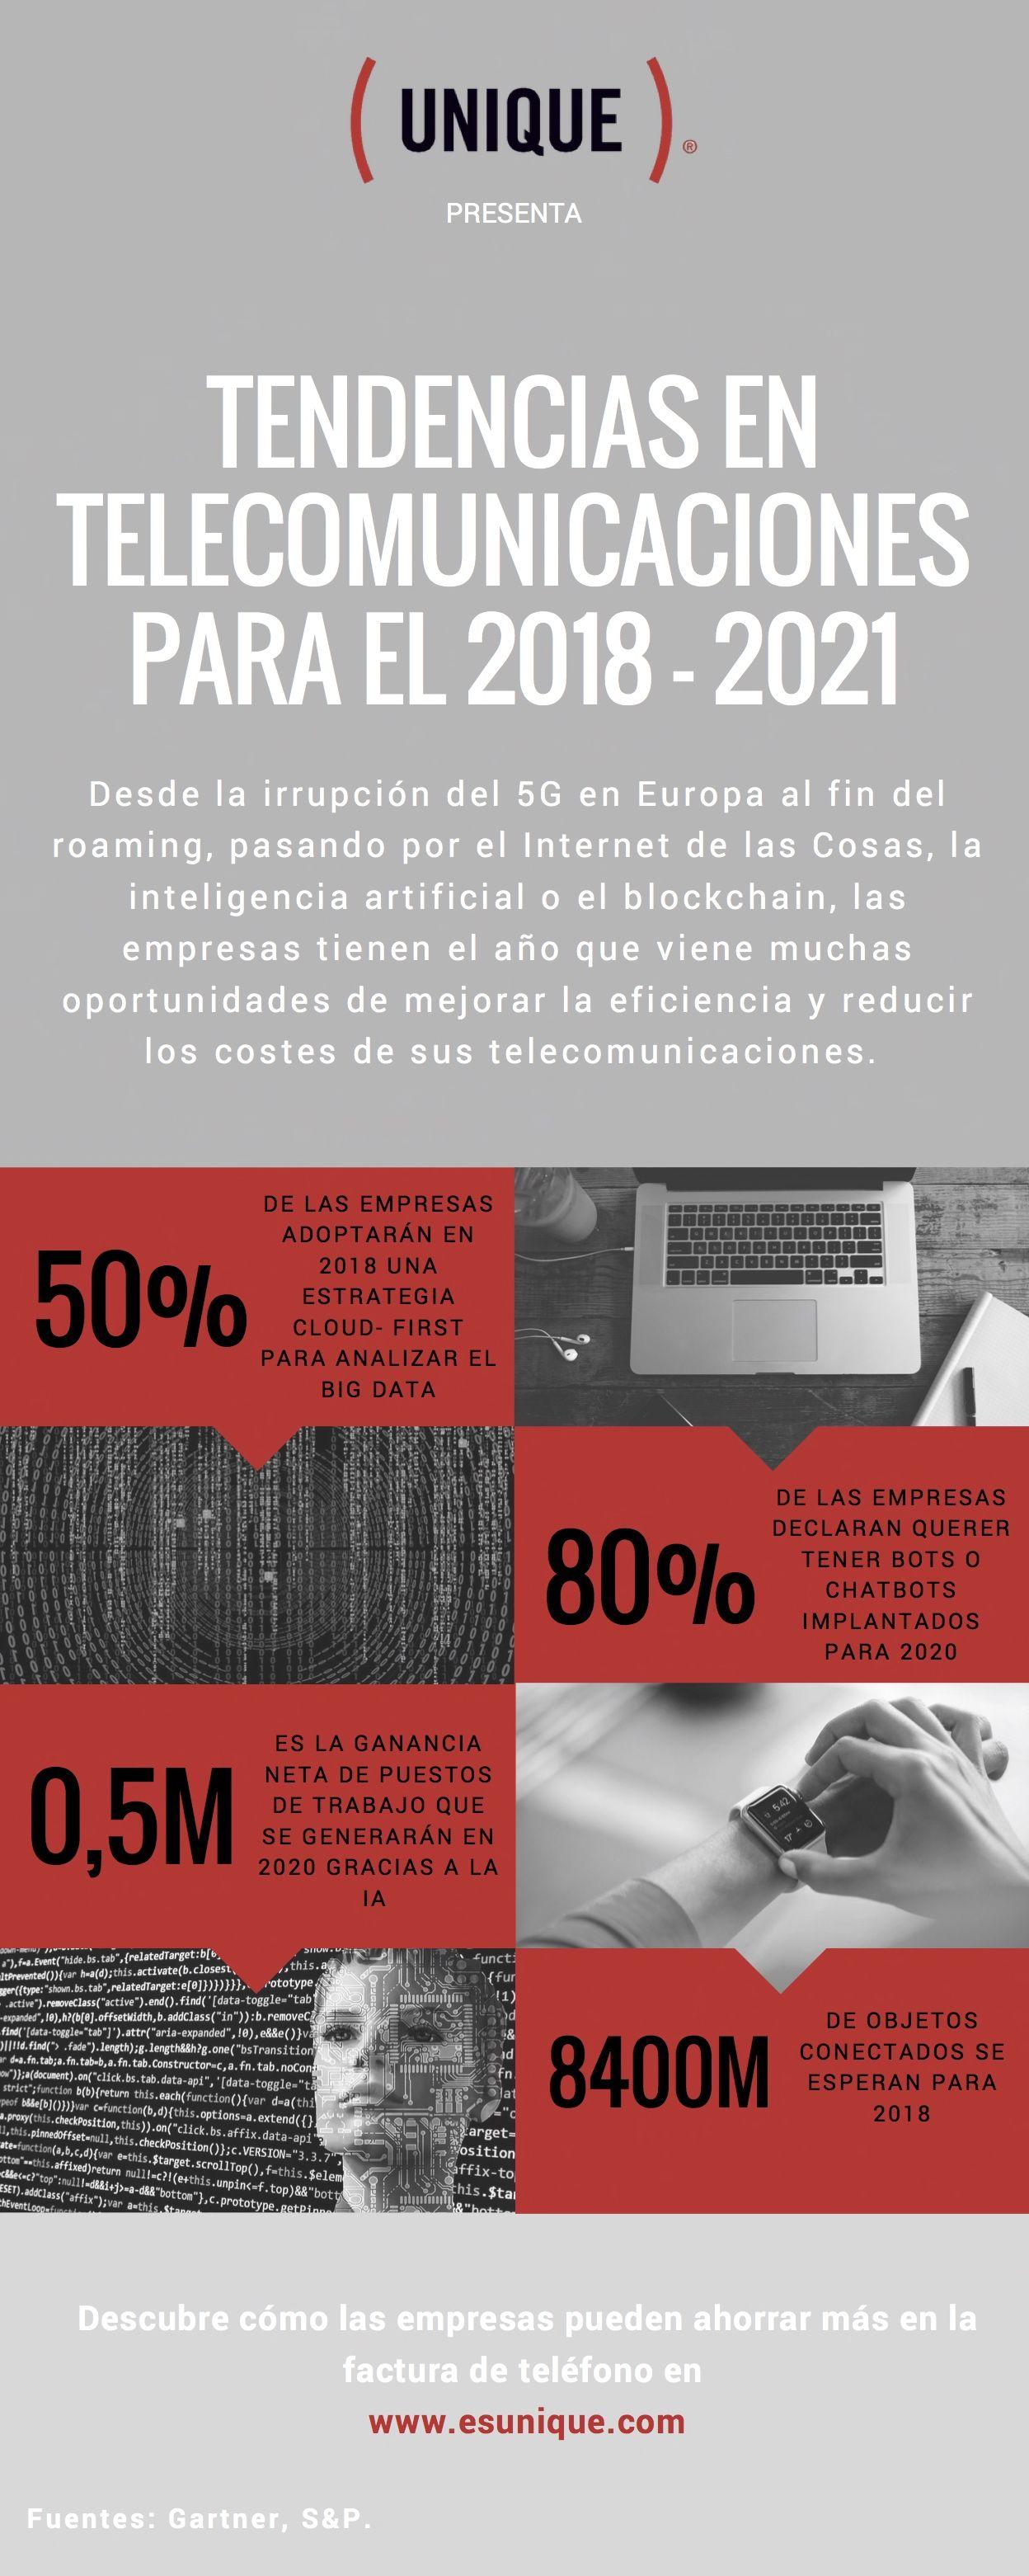 Foto de Infografía Unique Tendencias en Telecomunicaciones 2018